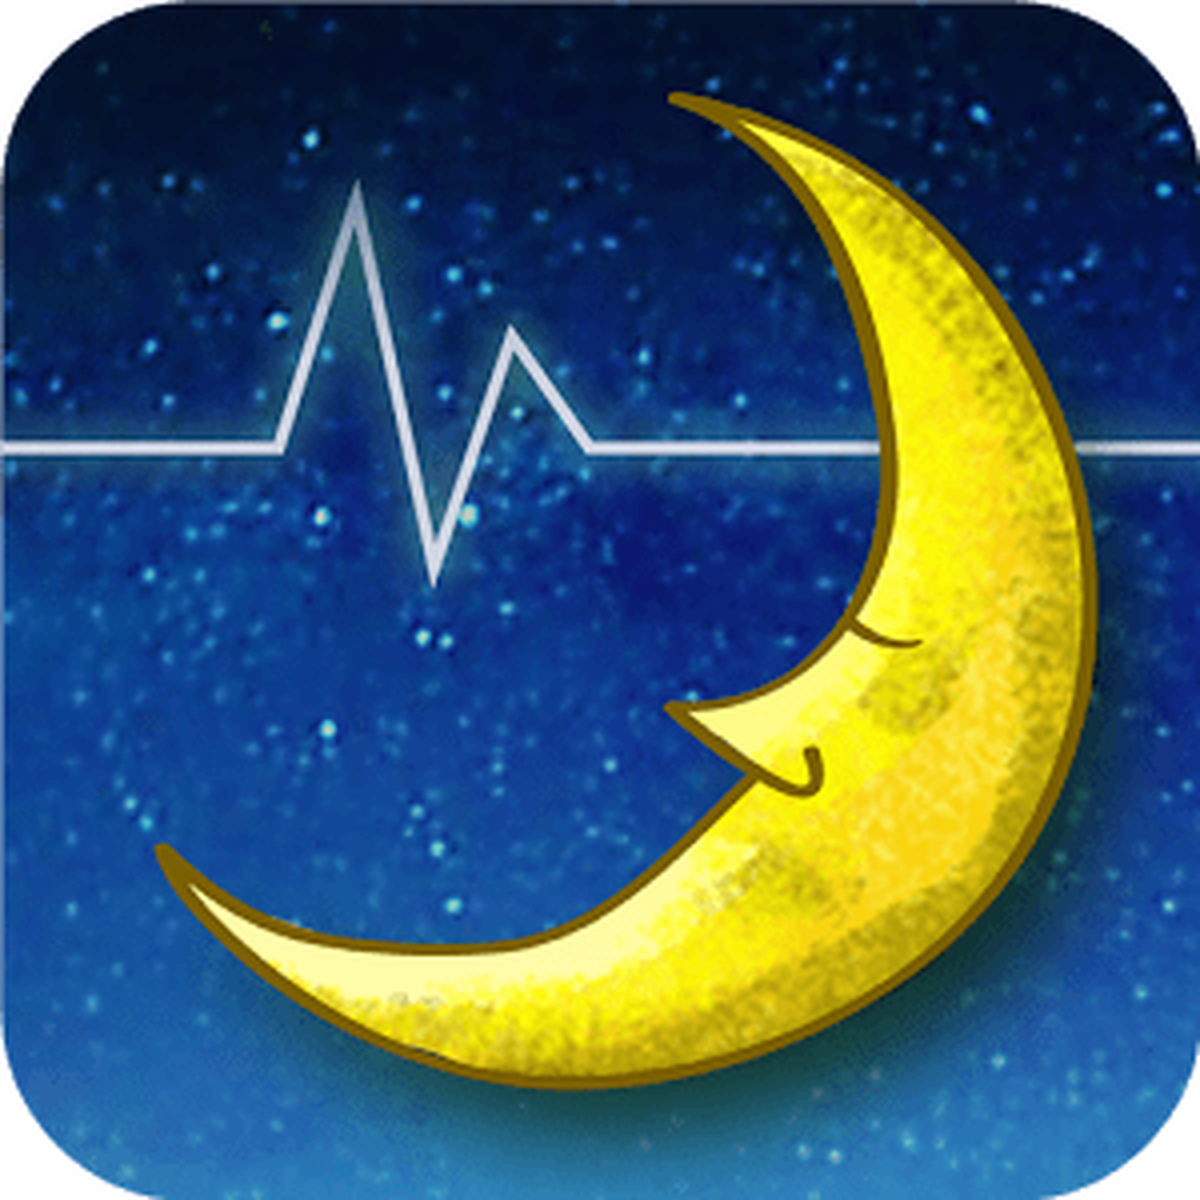 睡眠アプリ ~ ドリミン ~ 1.2.7